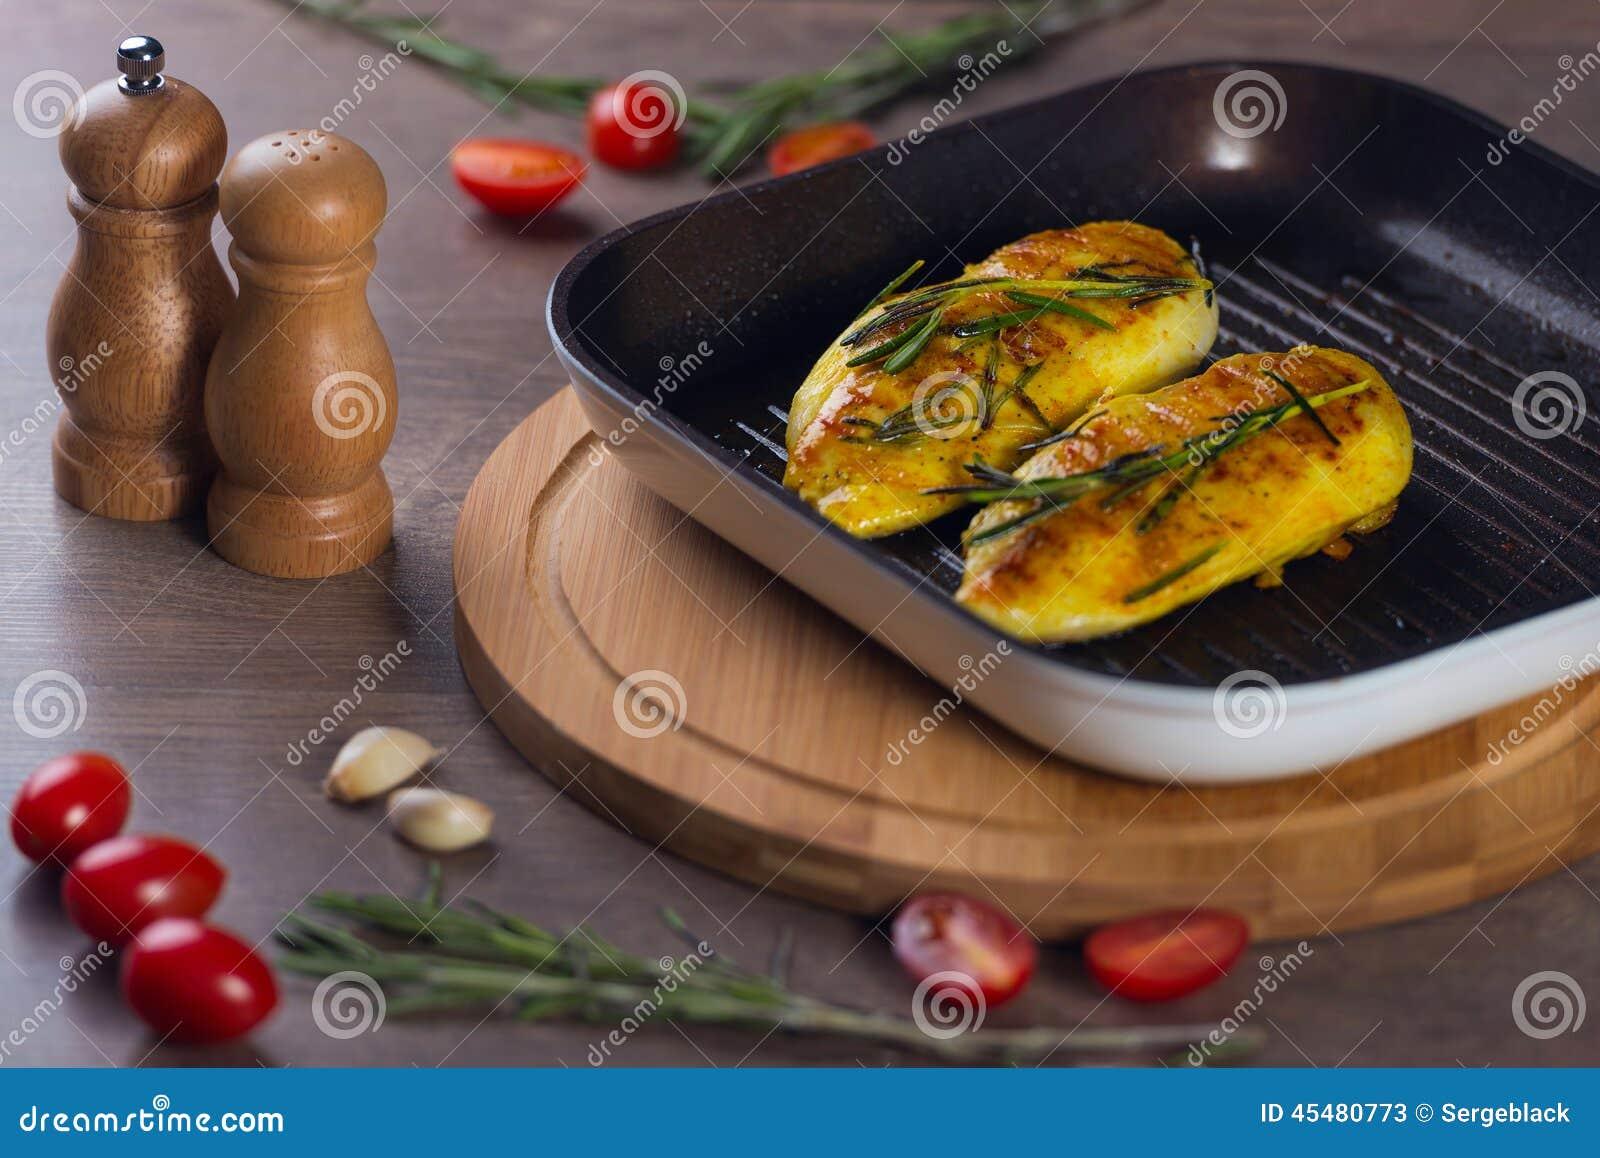 kip grillen pan